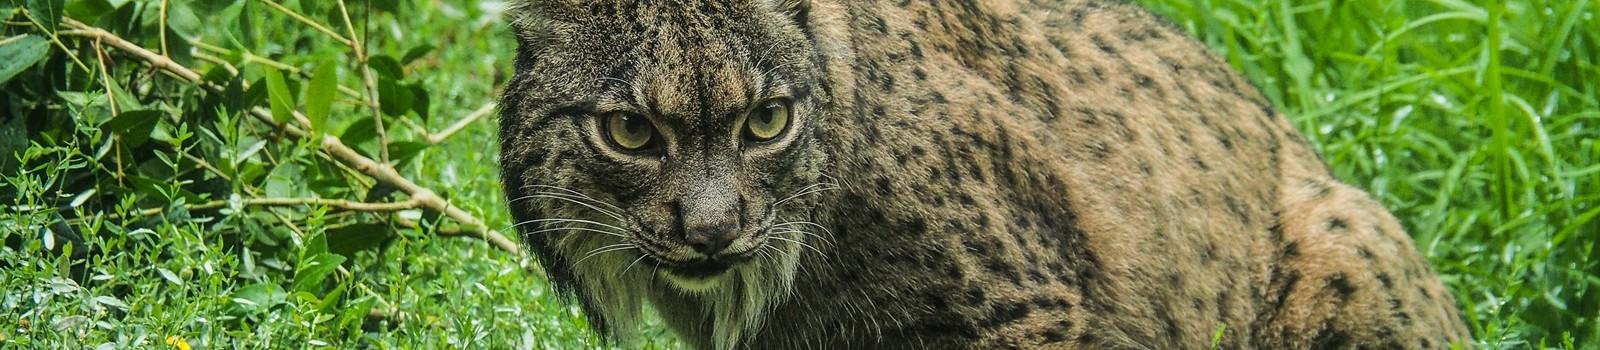 Lince_ibérico (Lynx pardinus); Alentejo; Portugal; AlentejoTurismo